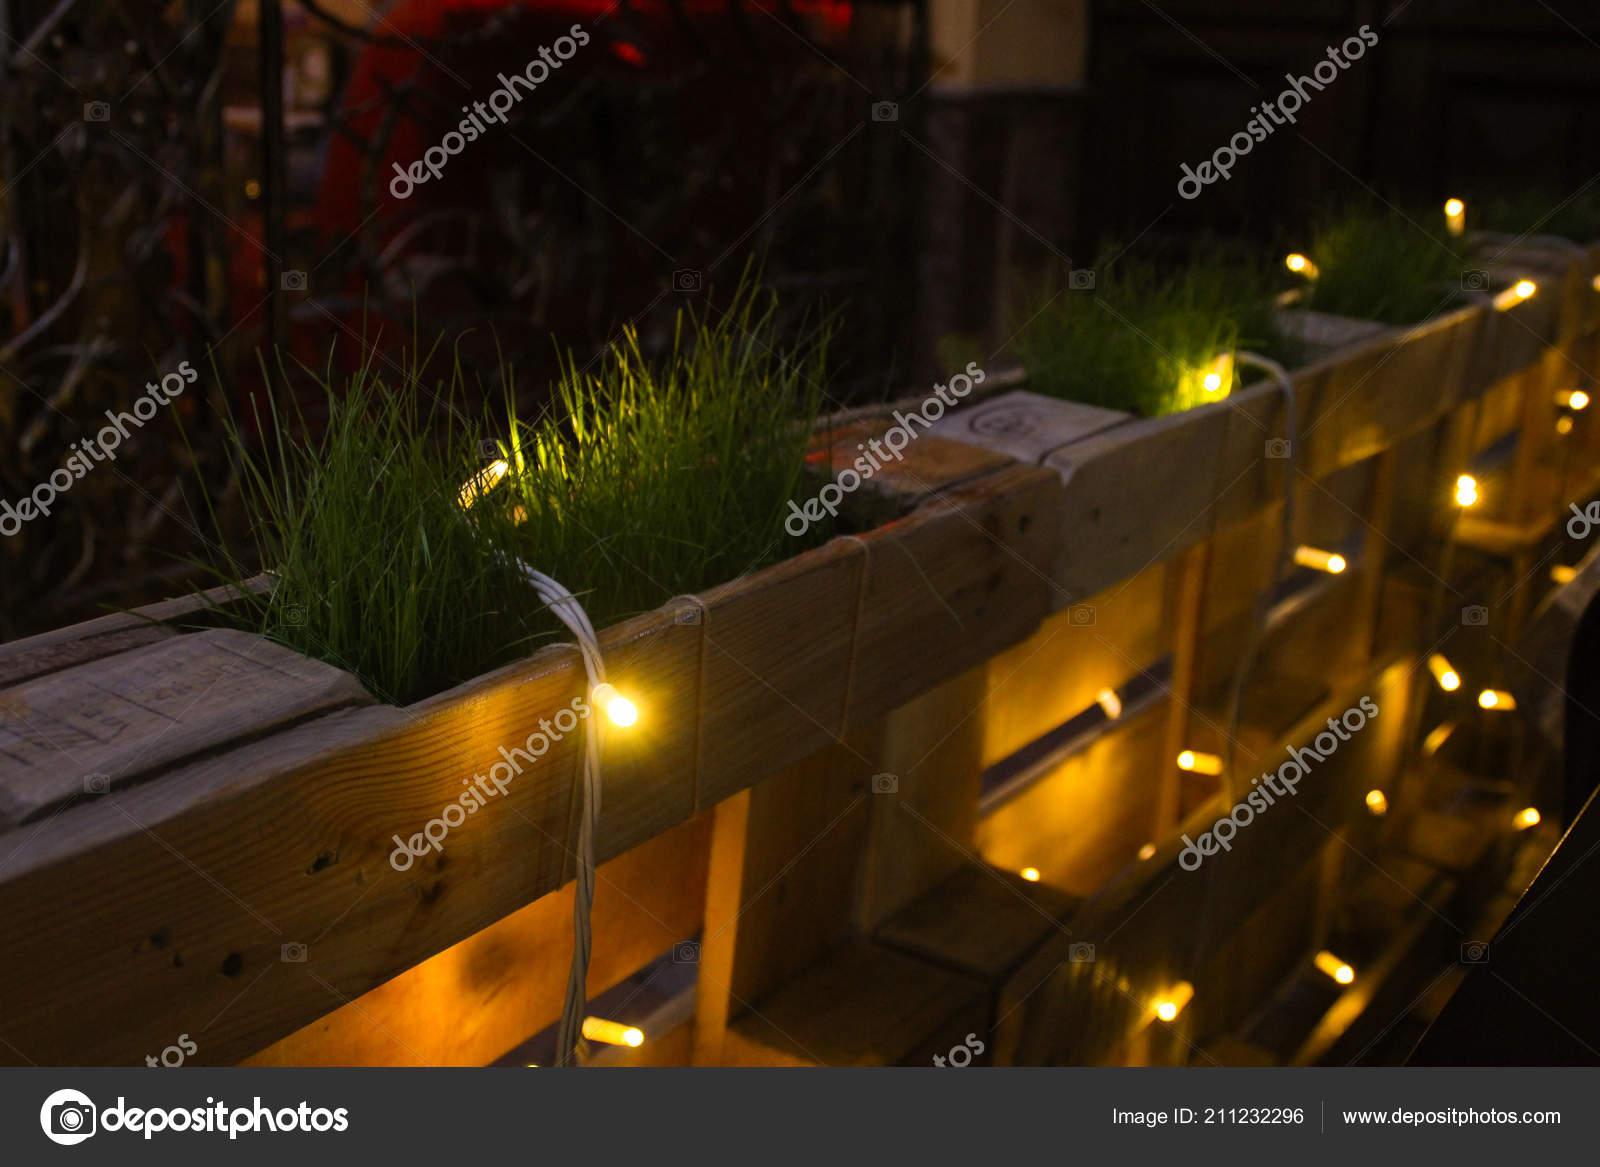 Recinzioni decorazione fatta pallet legno piantato erba exterier